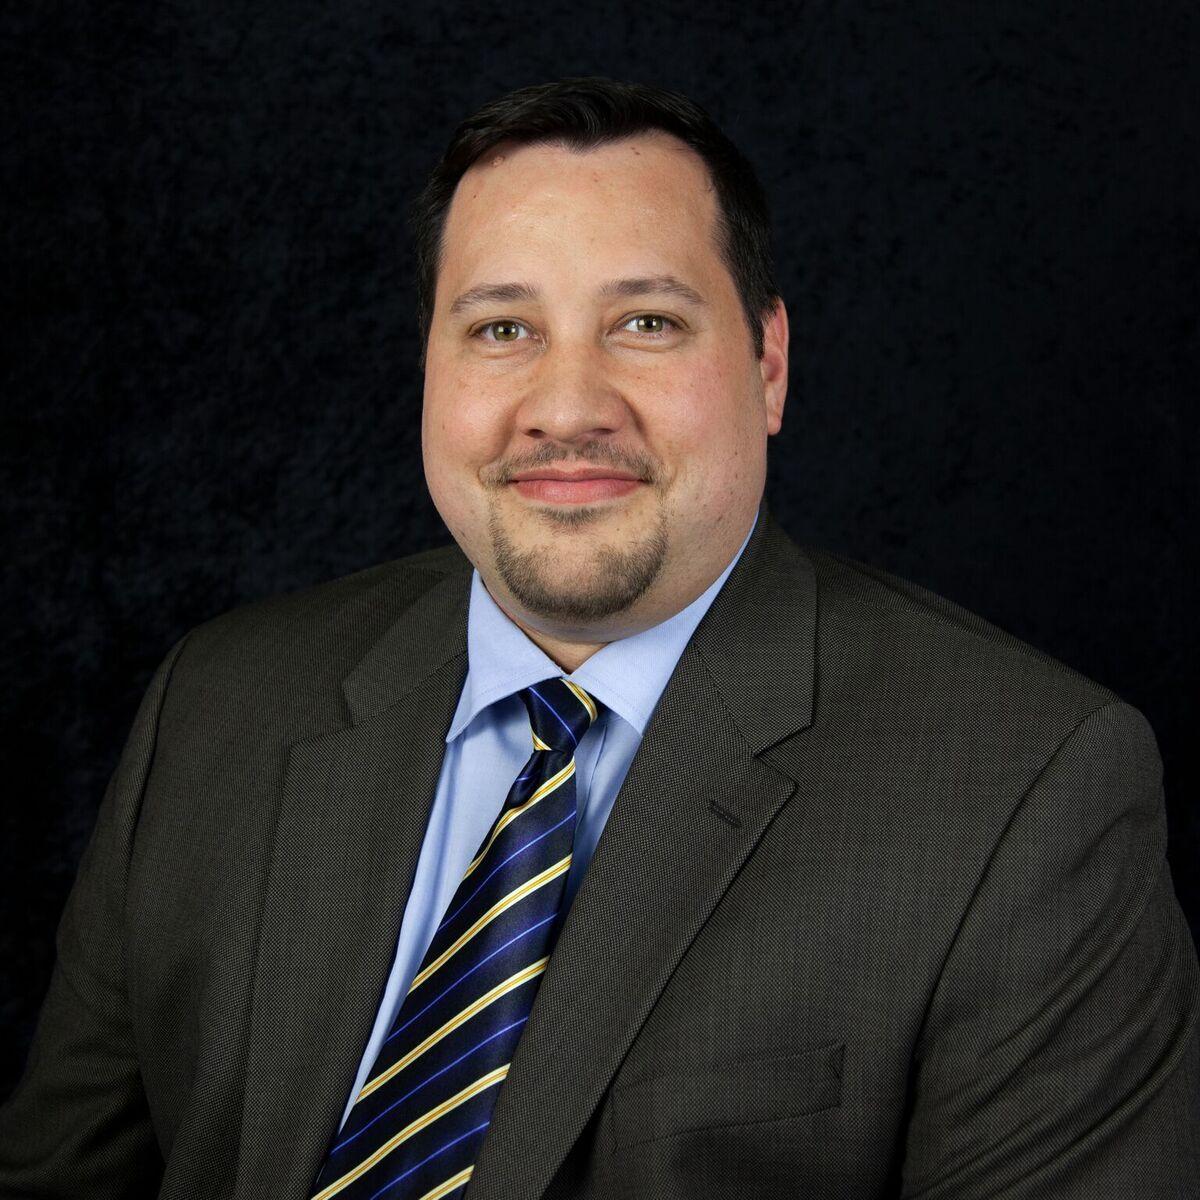 Blaine Hicks, Director of R&D